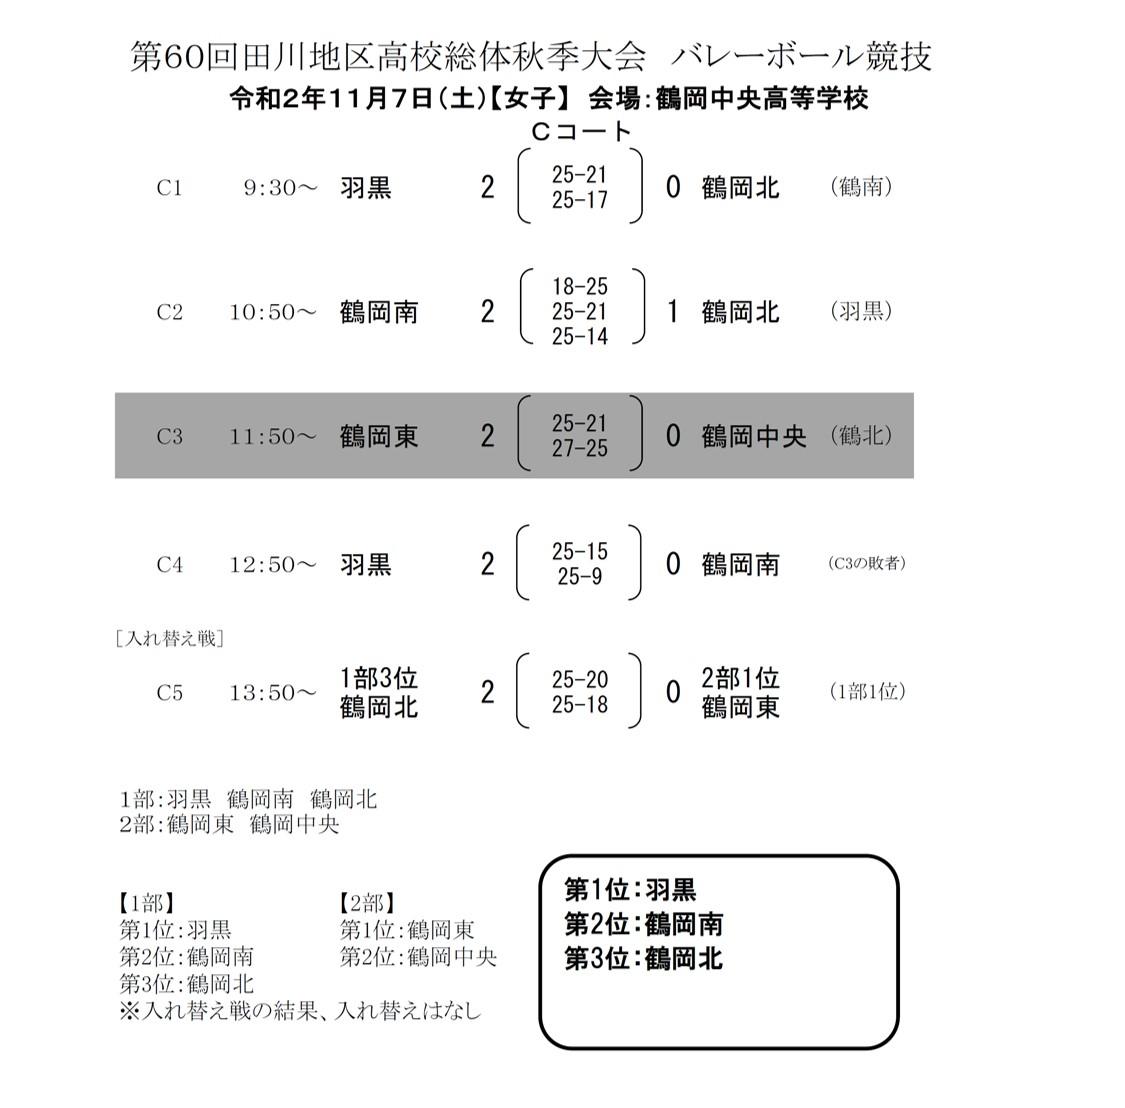 2020年度_高校新人大会_山形_田川地区_女子_最終結果